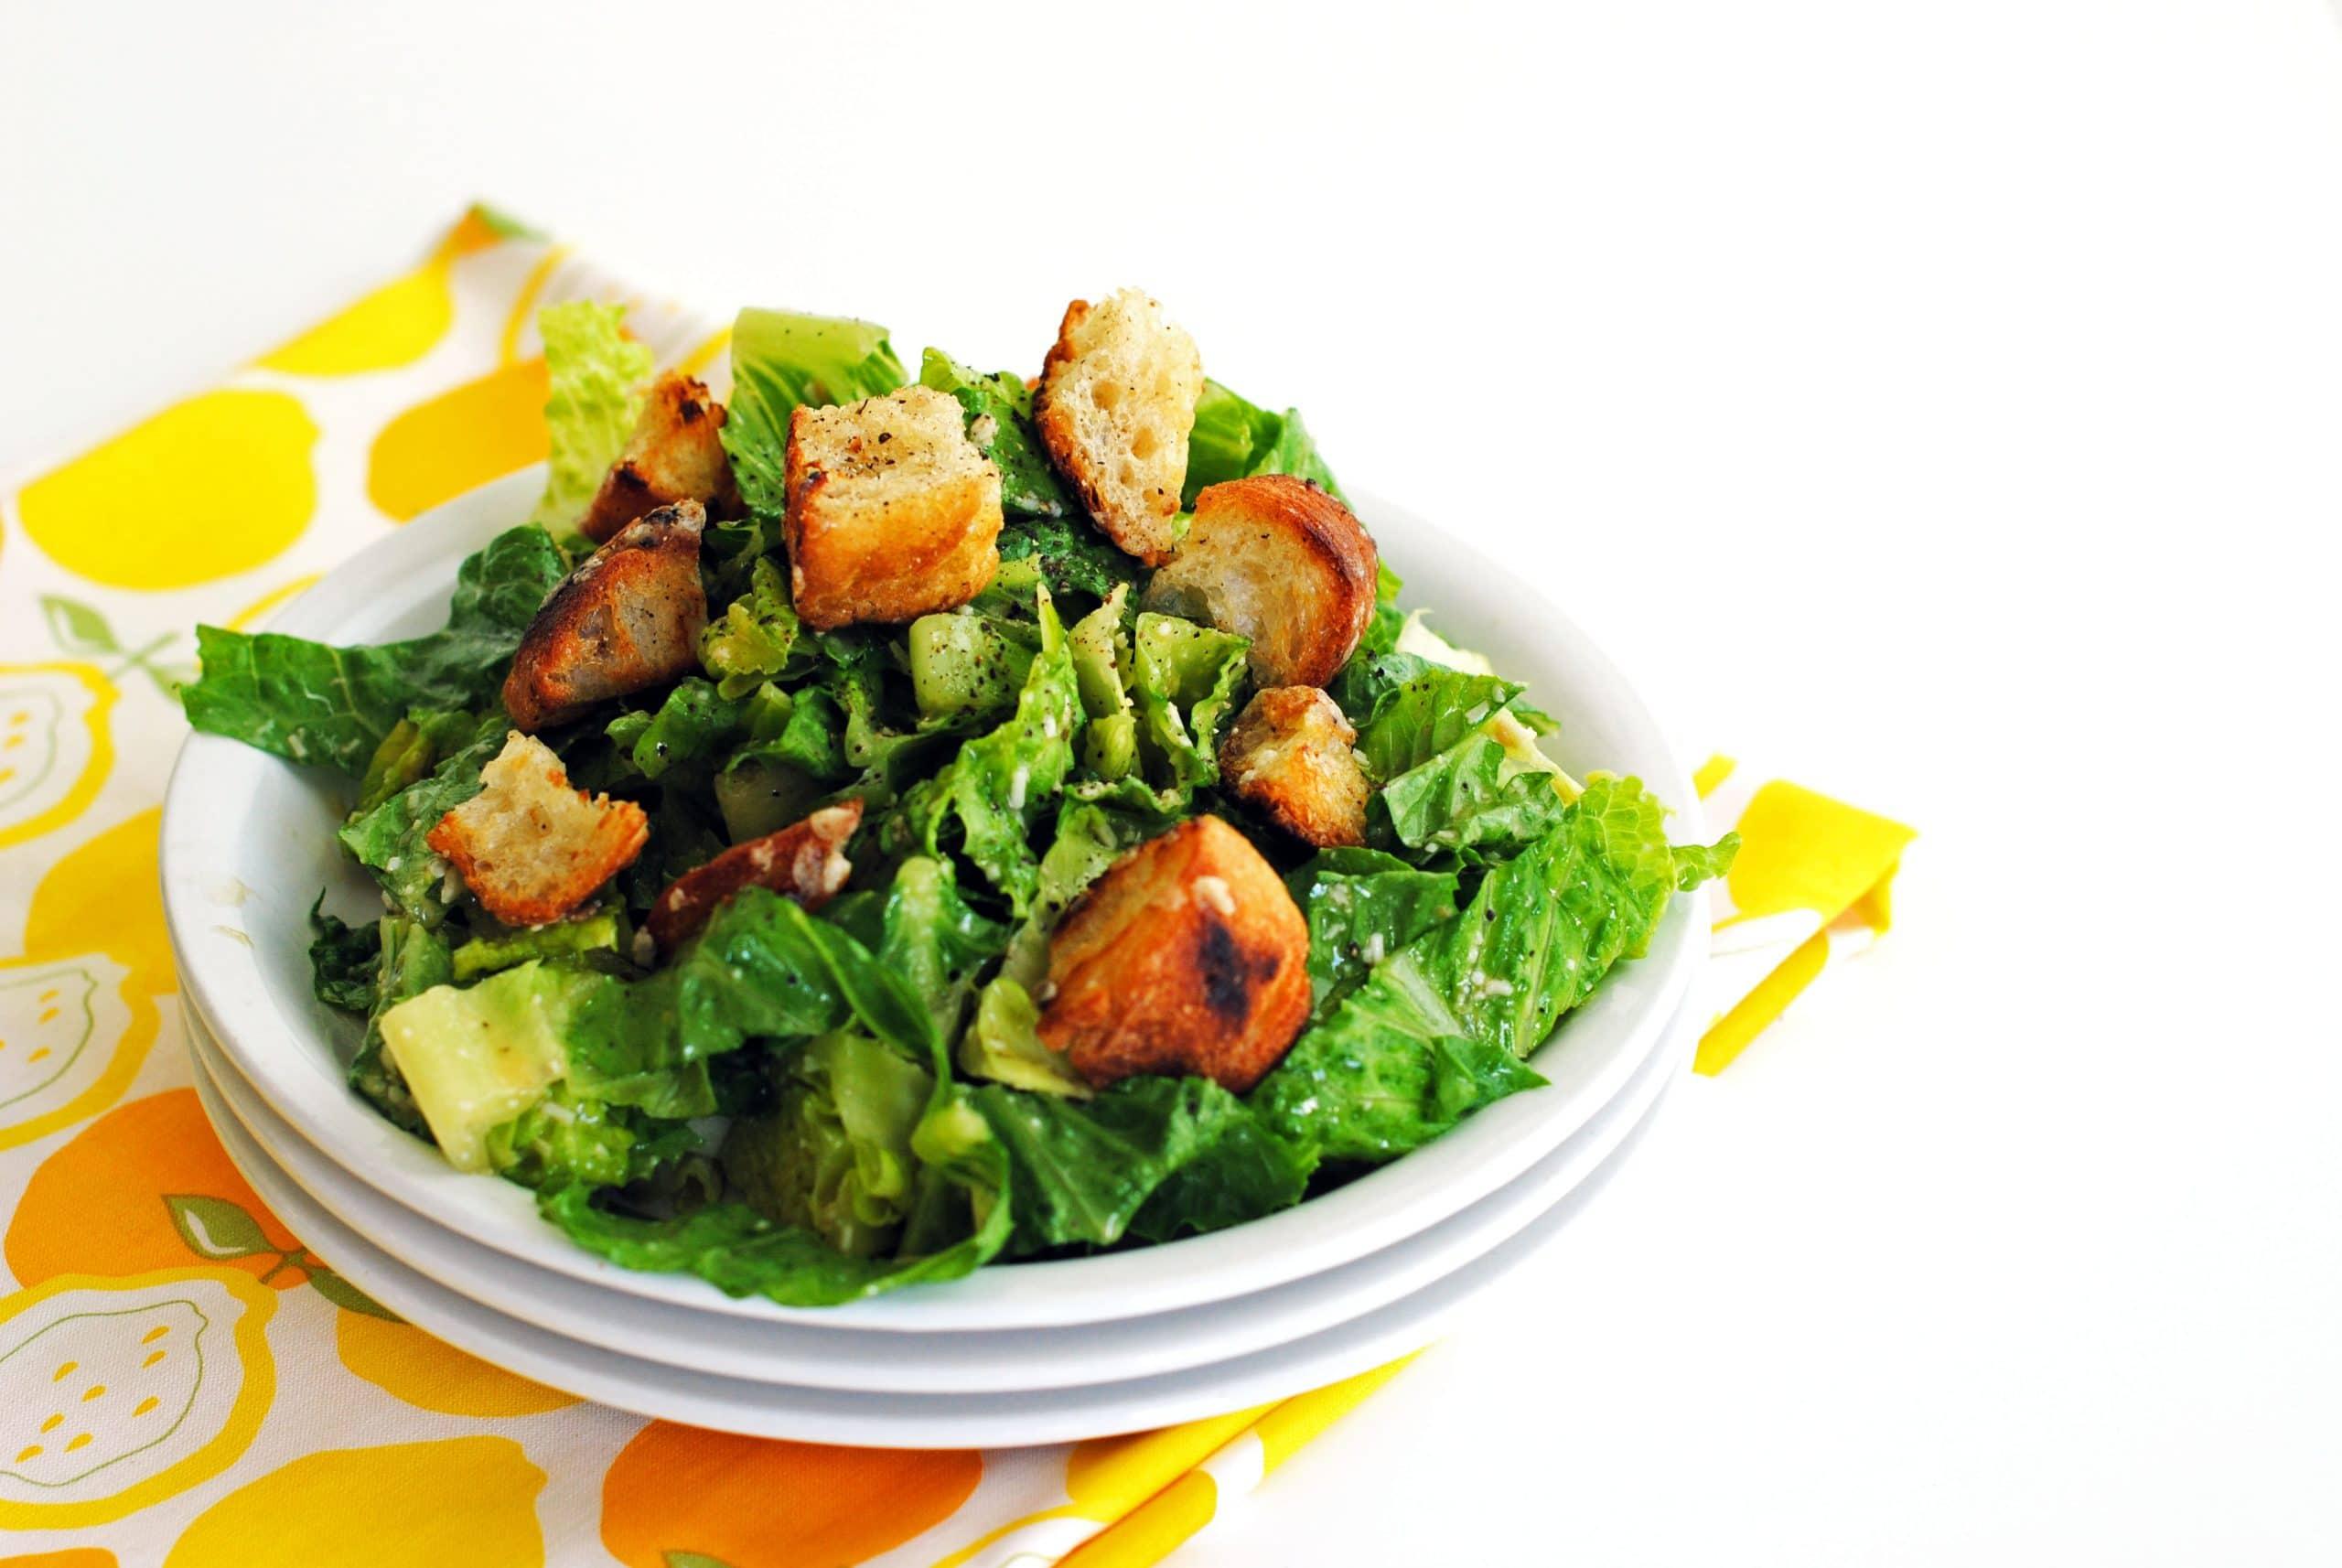 Classic Ceaser Salad